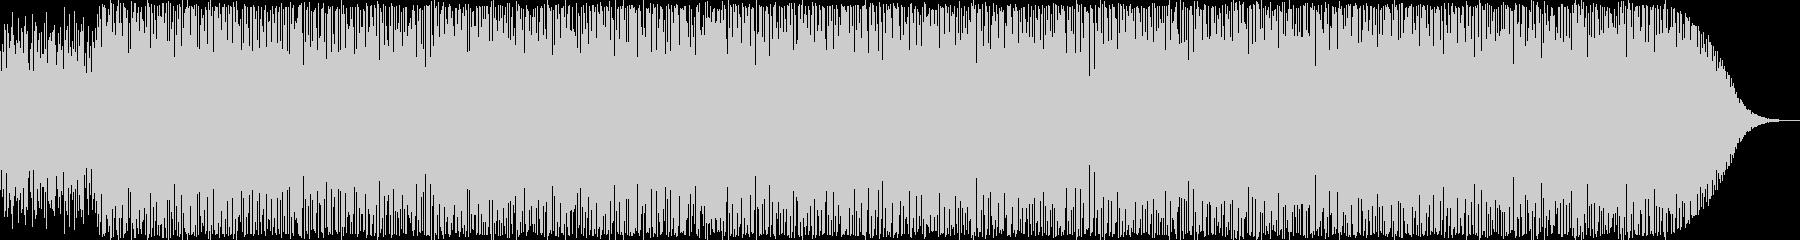 ジャズ・ソウルテイストのハウス・EDMの未再生の波形